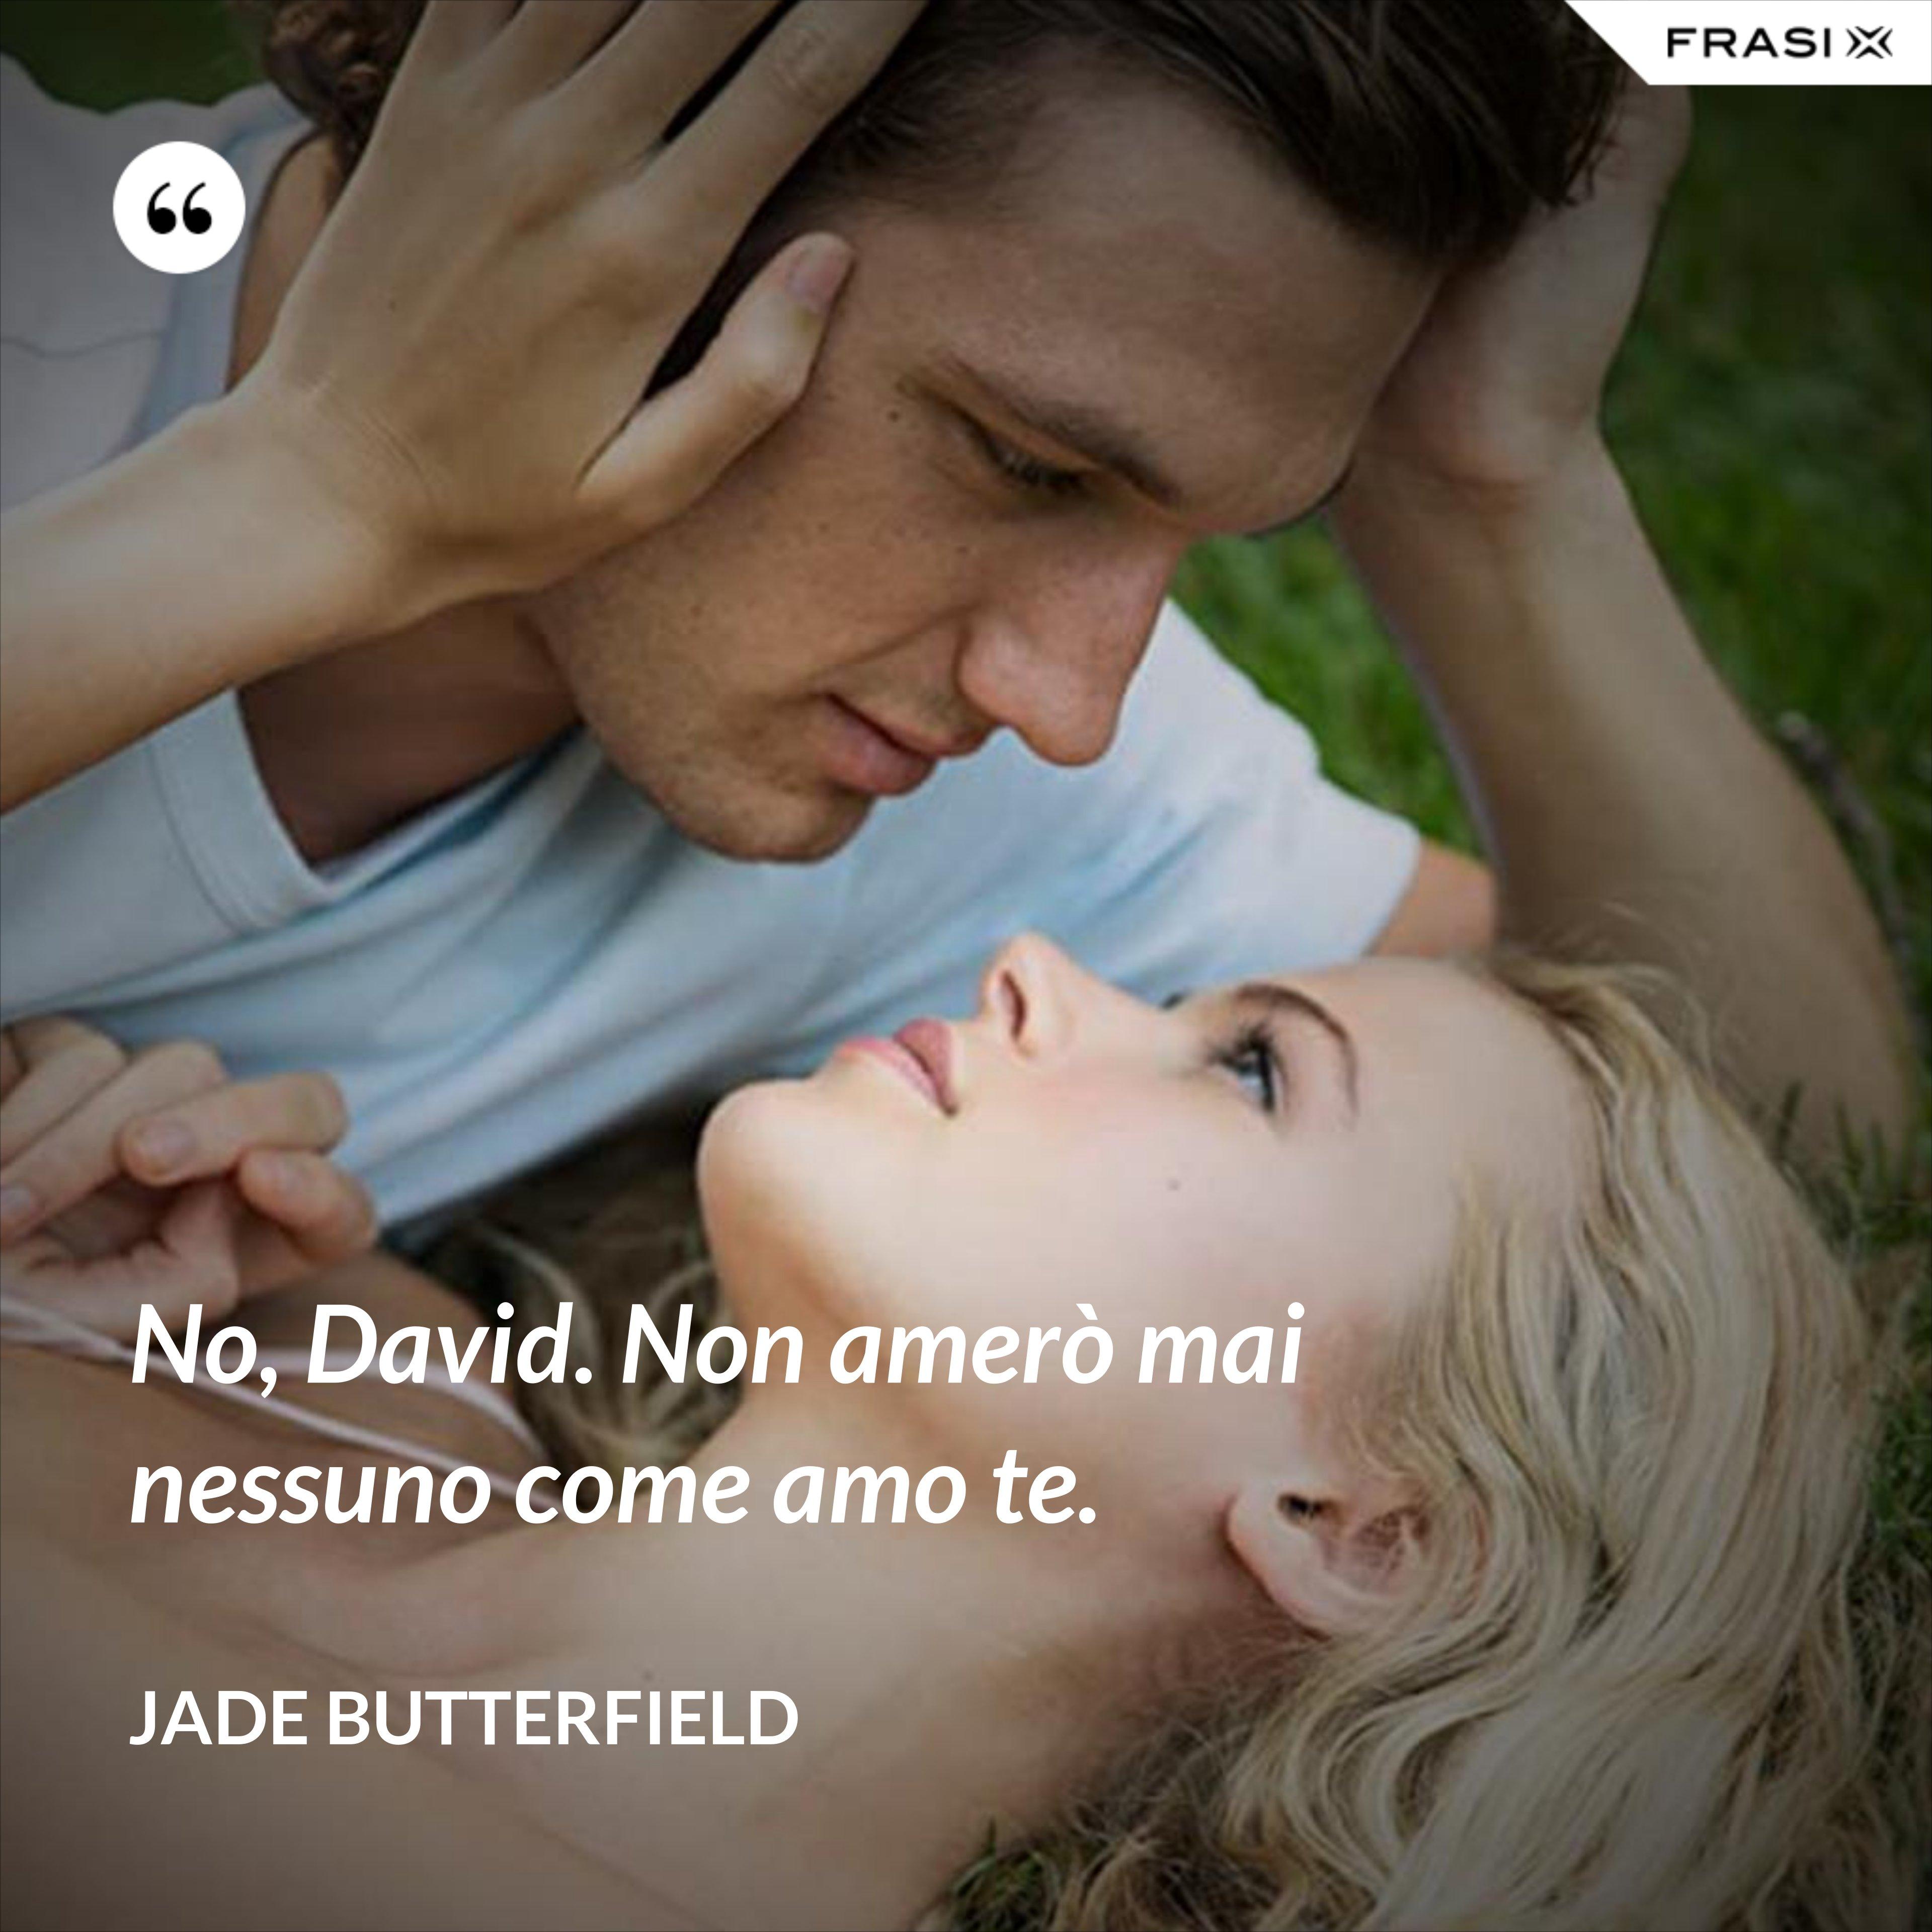 No, David. Non amerò mai nessuno come amo te. - Jade Butterfield